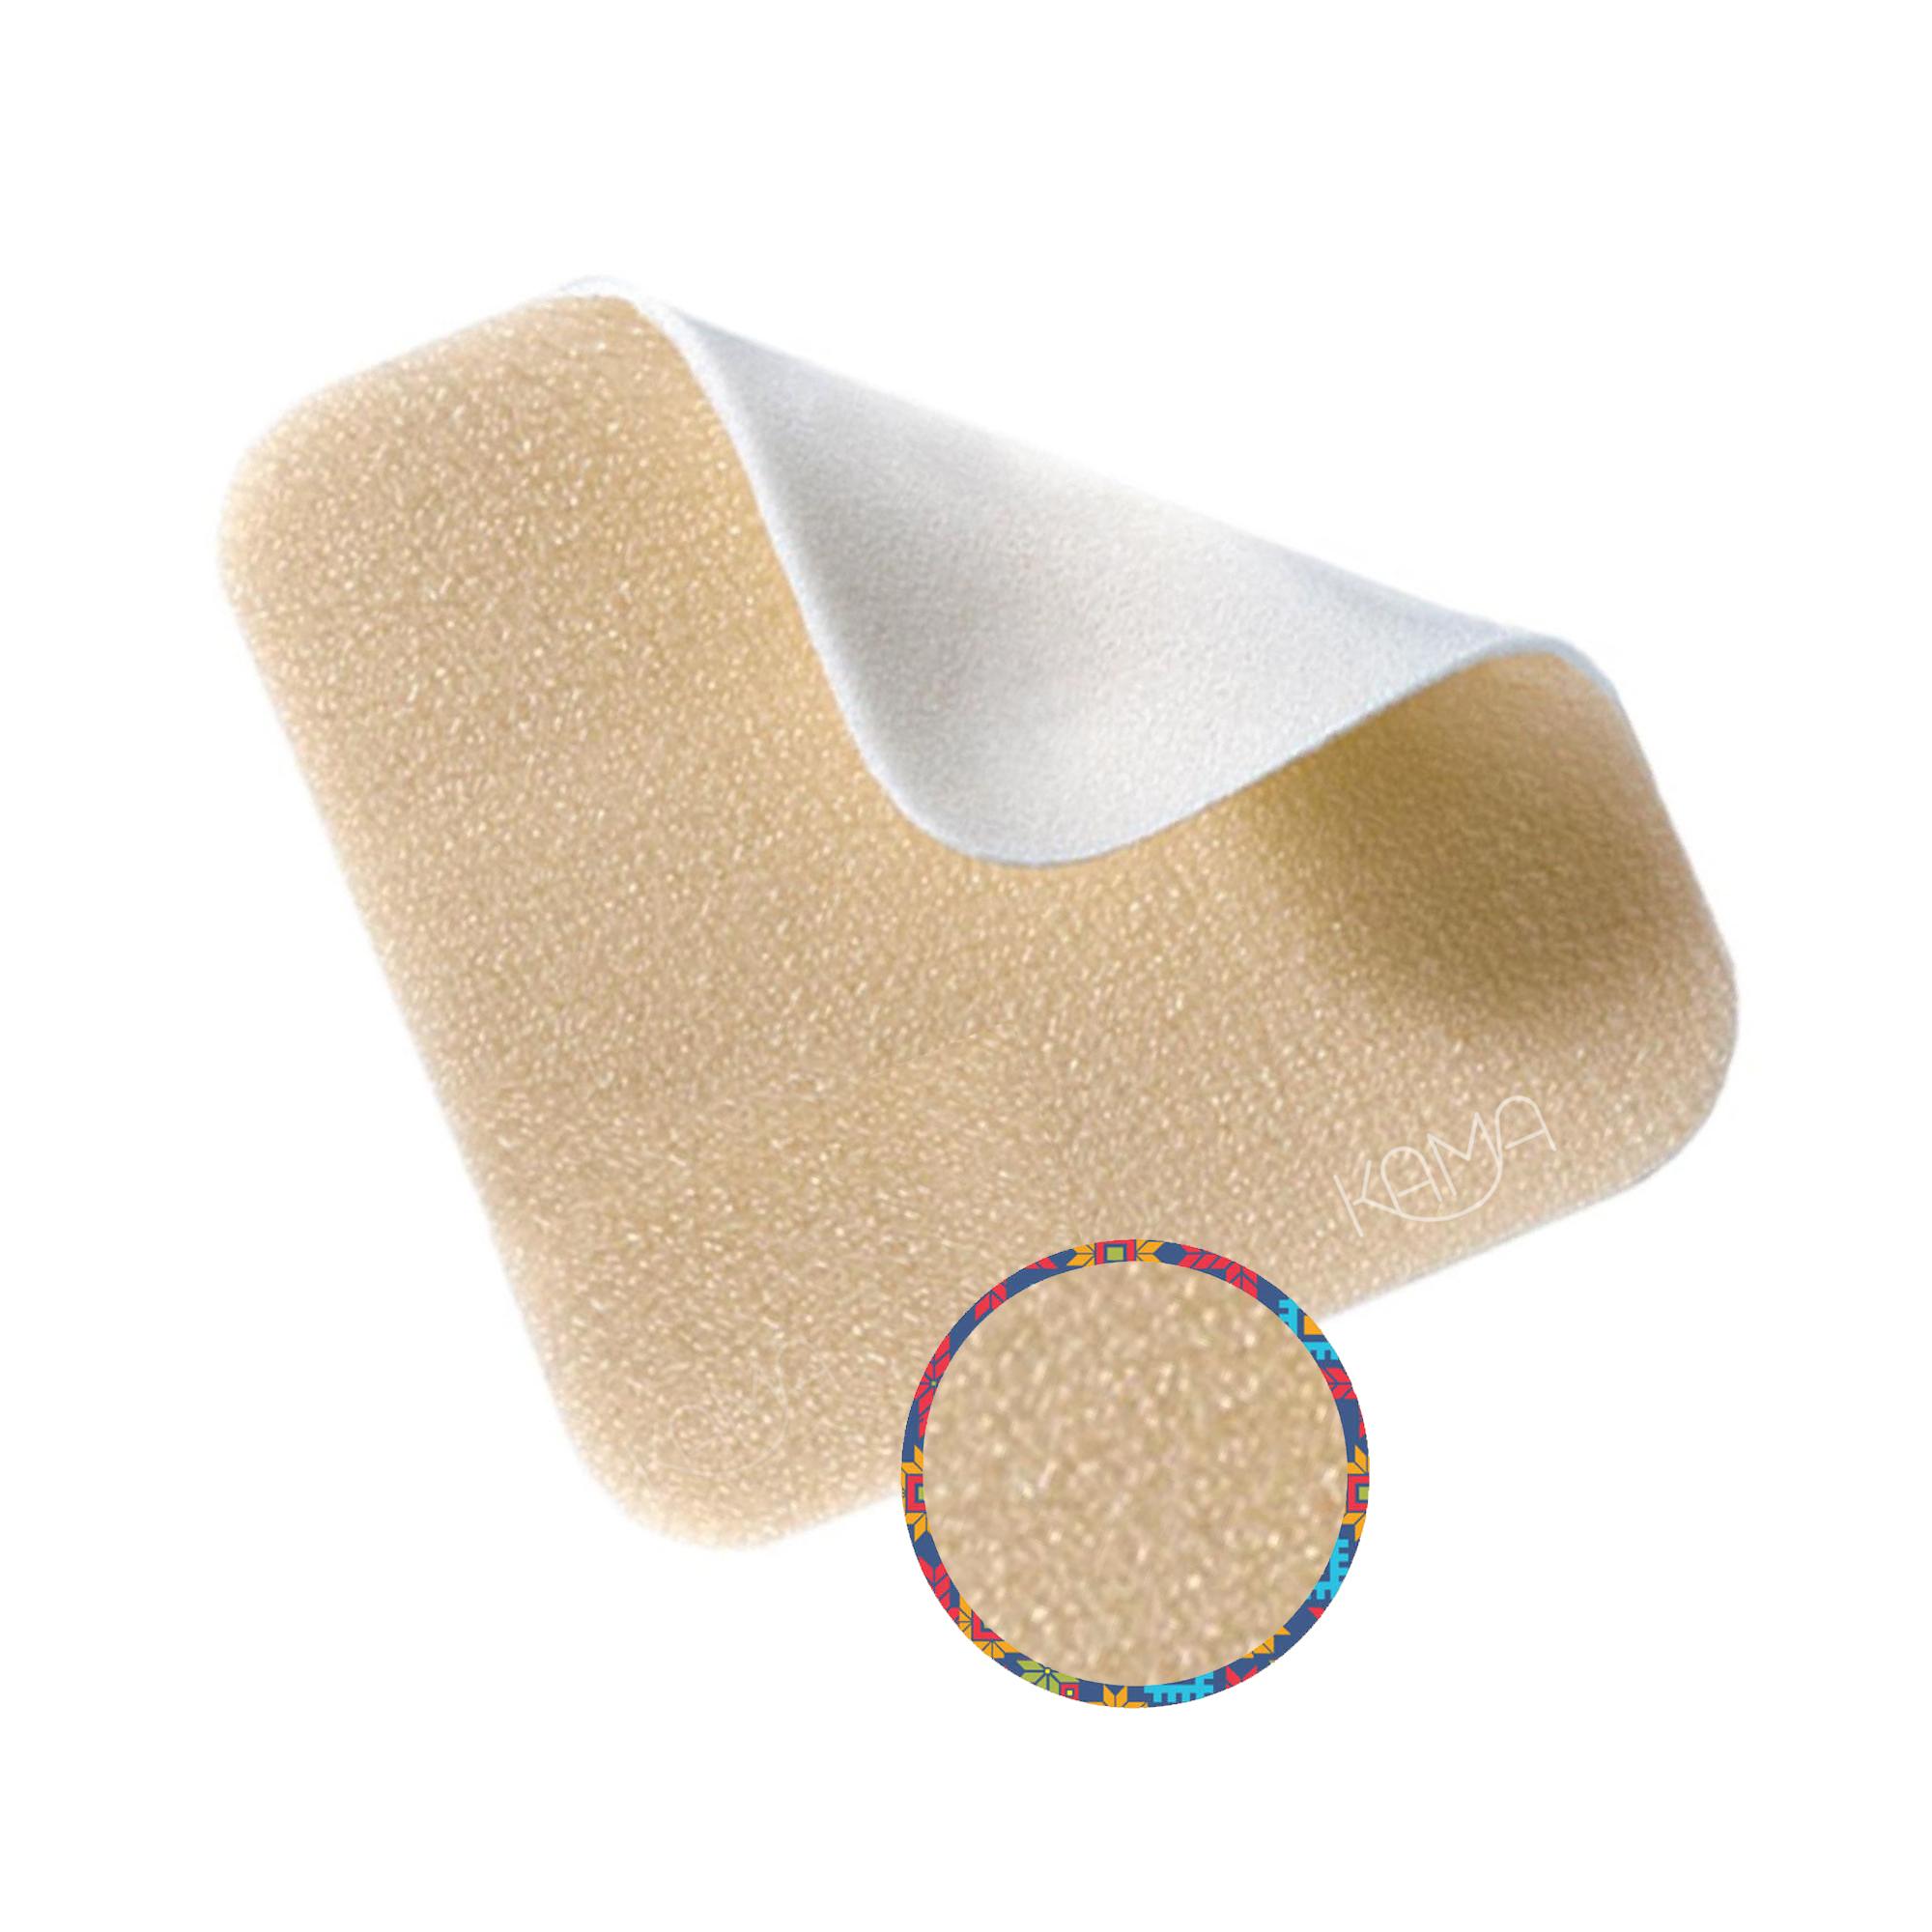 Повязка Мепилекс Лайт с силиконом 6х8,5 см